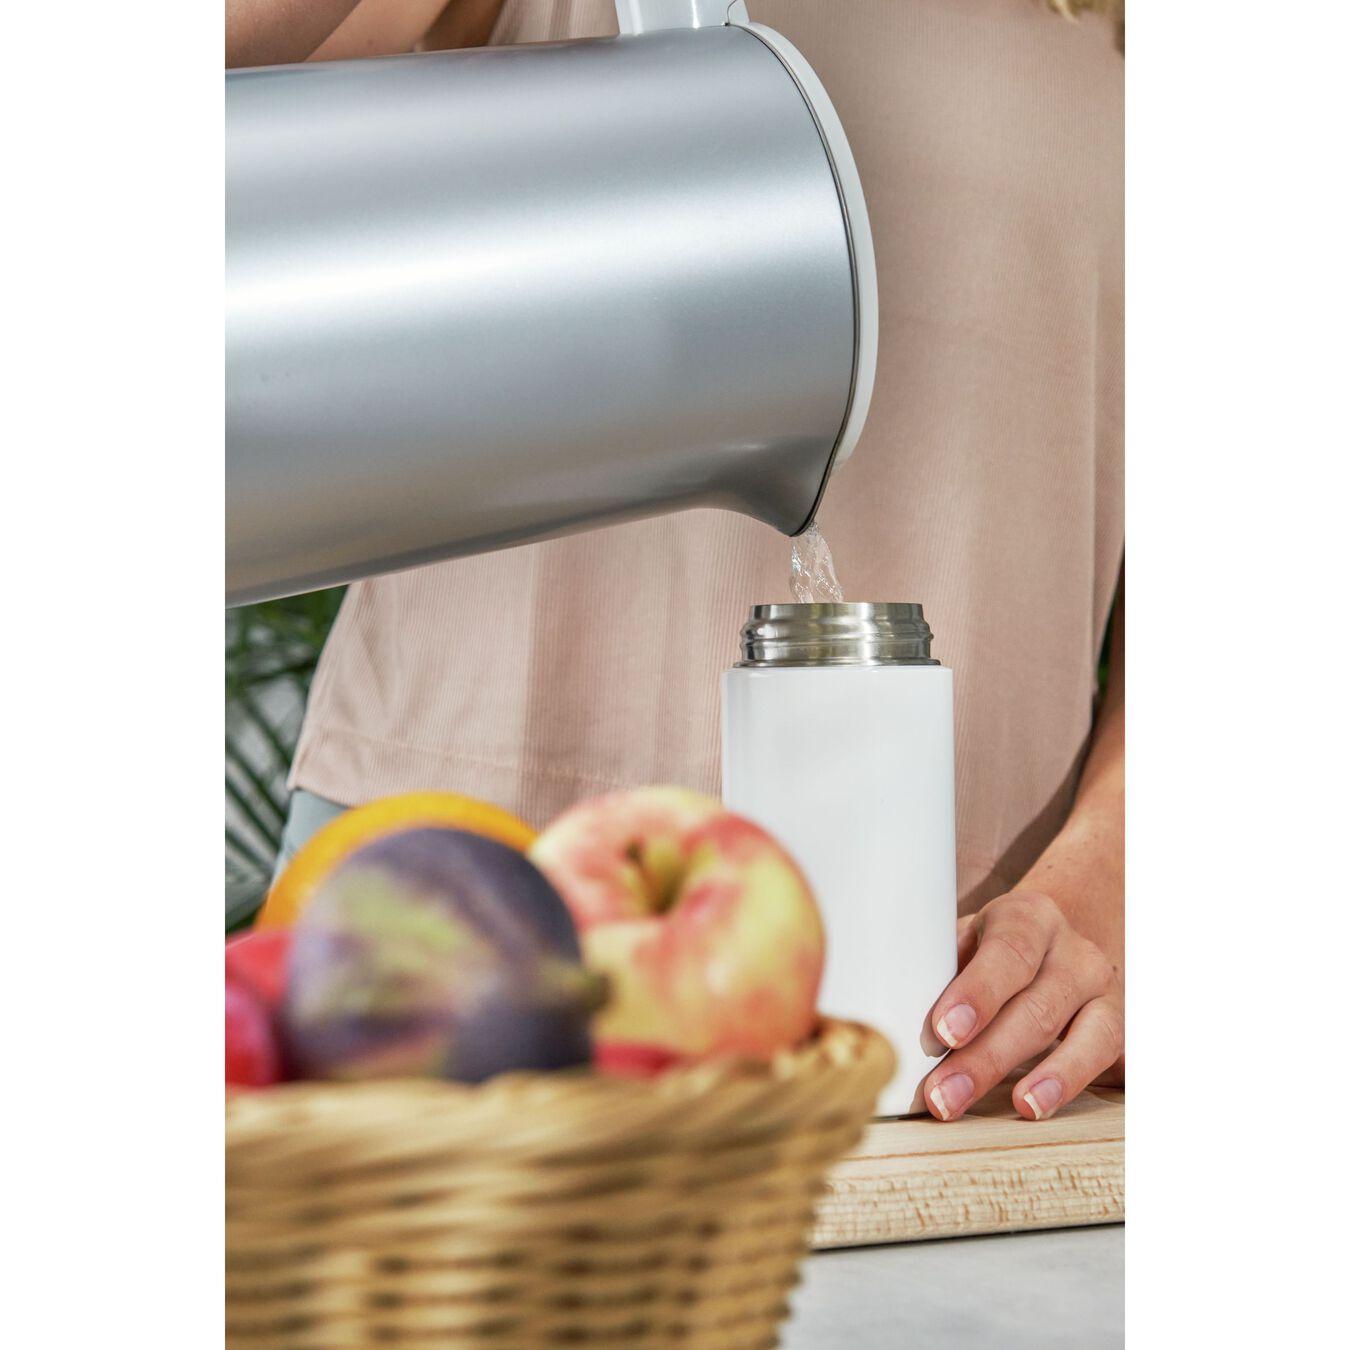 Thermos - 420 ml, acciaio inox, bianco,,large 8